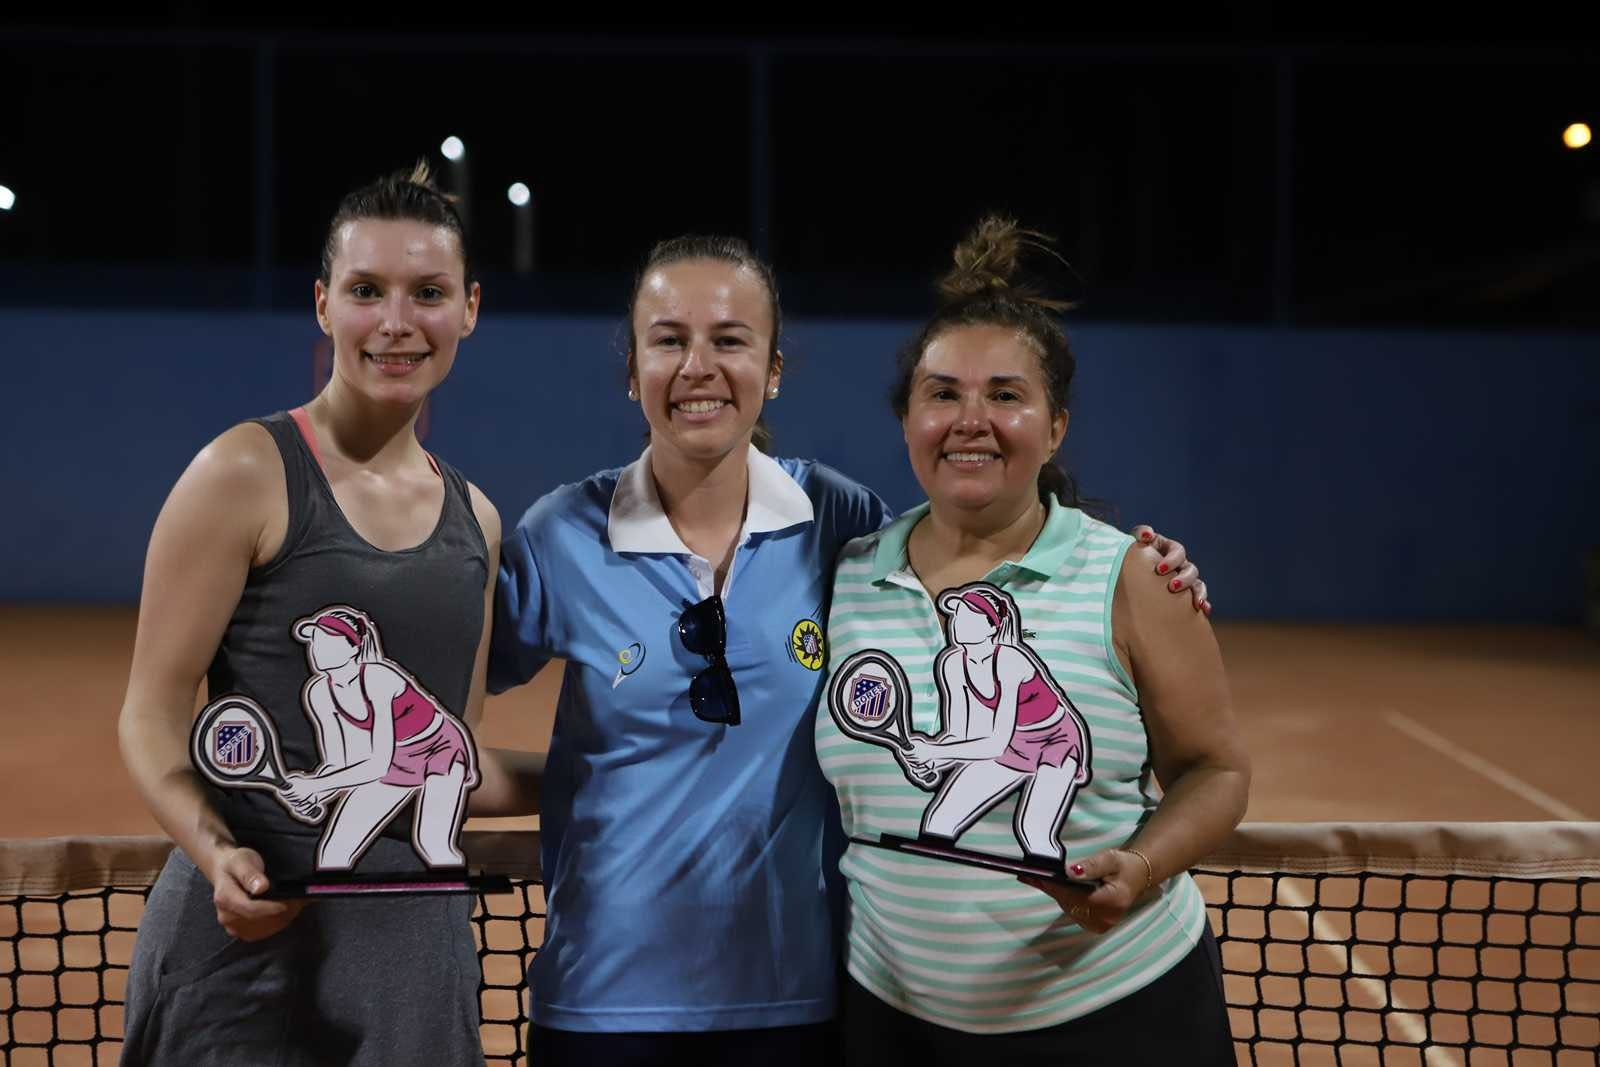 Torneio Feminino de Tênis 2019: confira as atletas premiadas